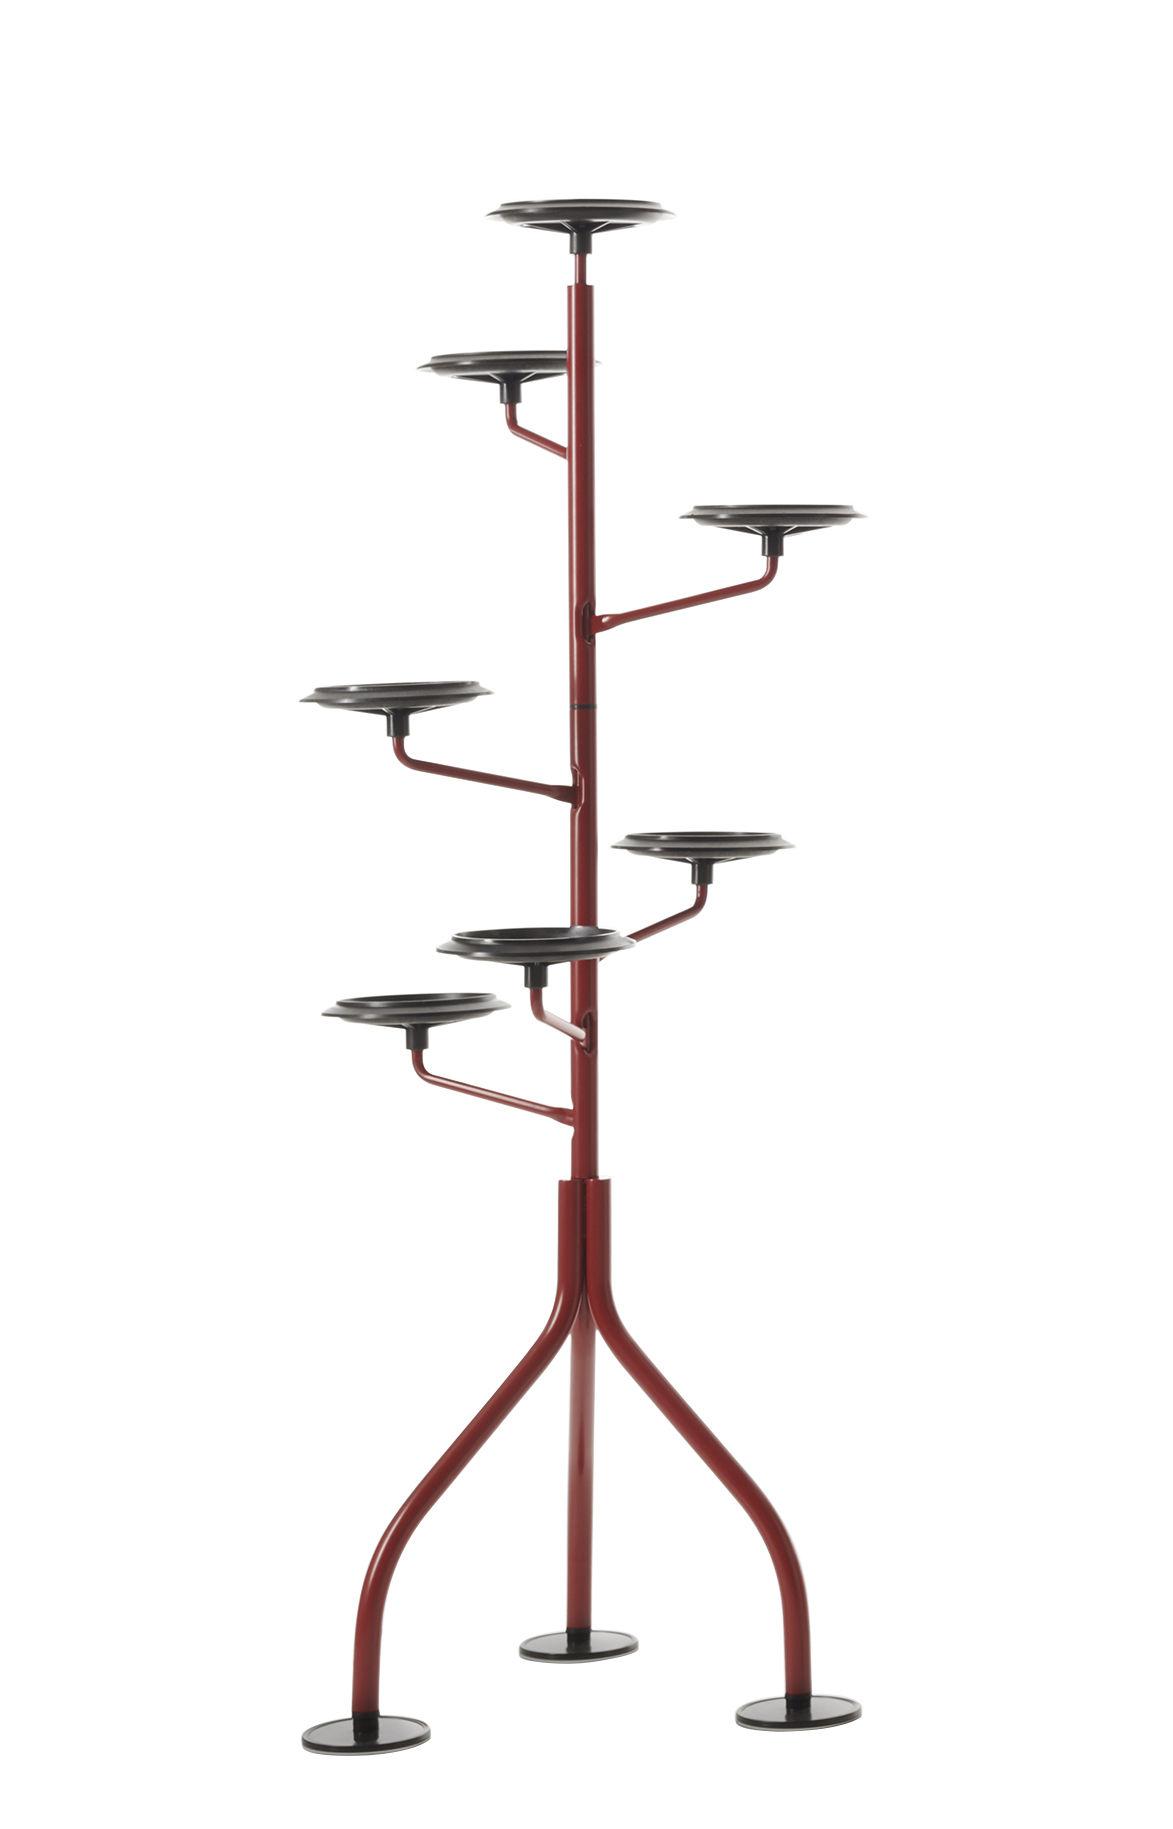 Dekoration - Töpfe und Pflanzen - Albero Halterung für Blumentopf / H 152 cm - für 7 Blumentöpfe - Zanotta - Amarant - gefirnister Stahl, Polyamid